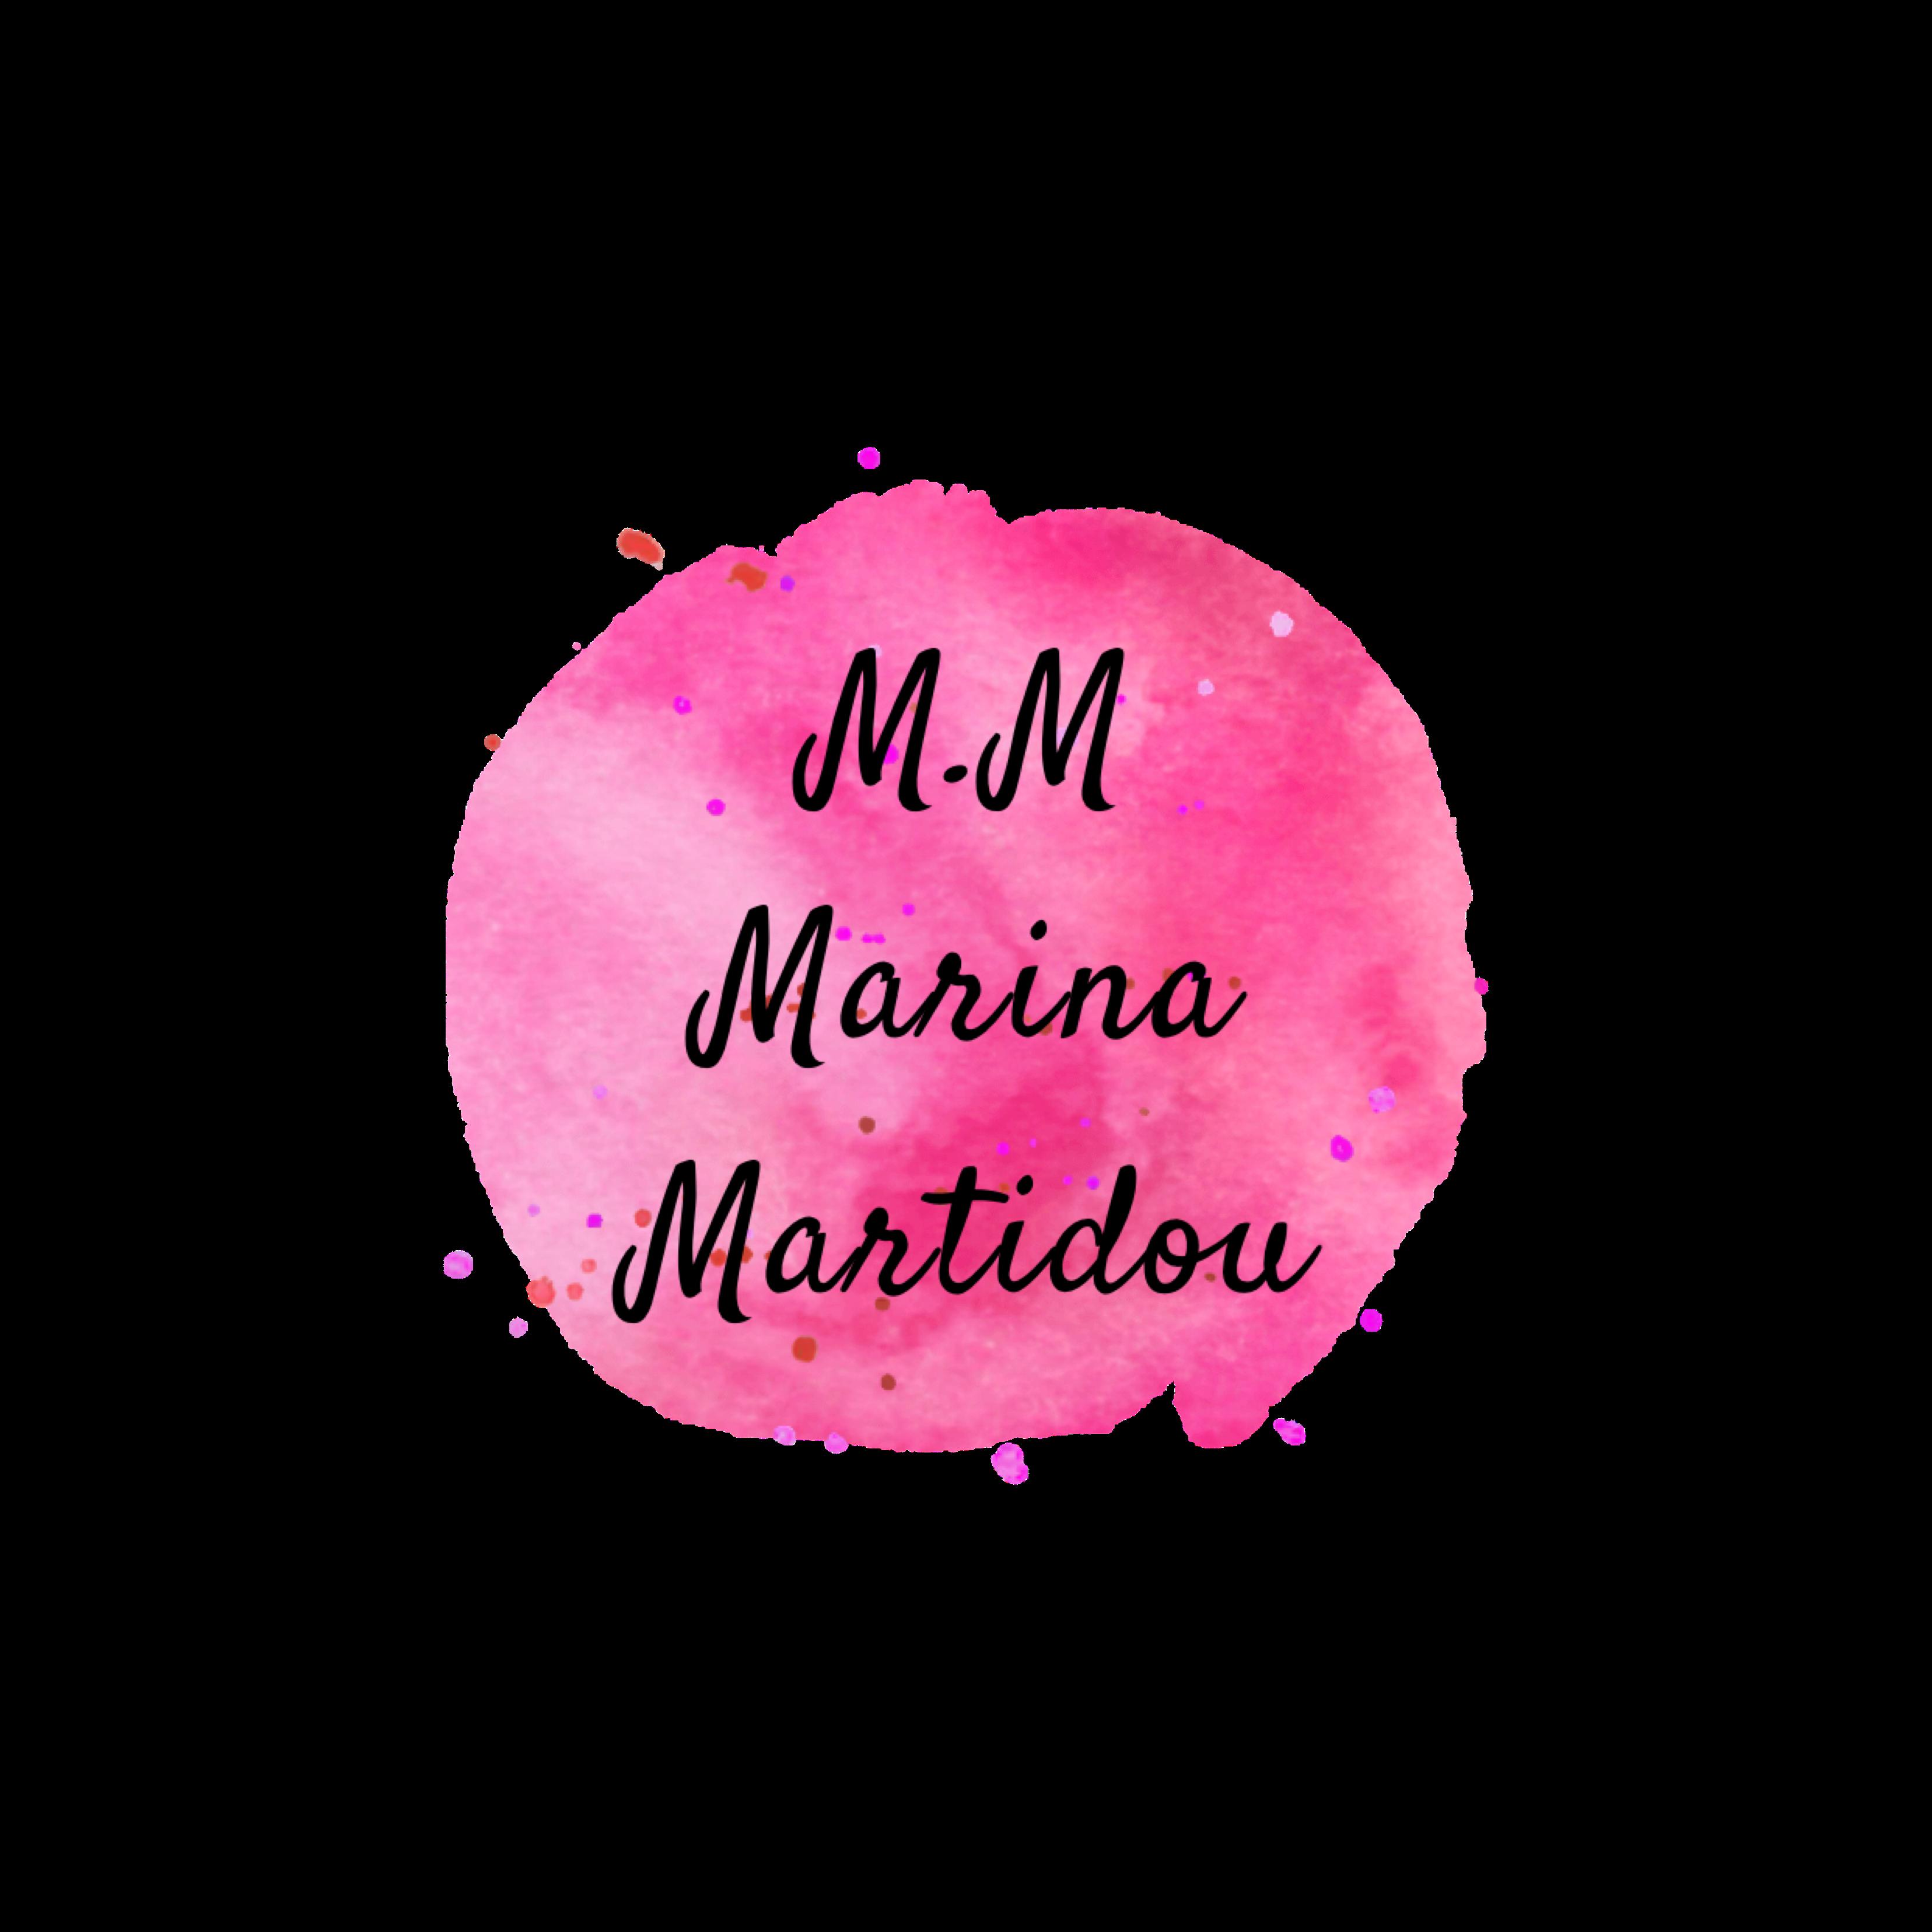 ☆ marinamartidou.com